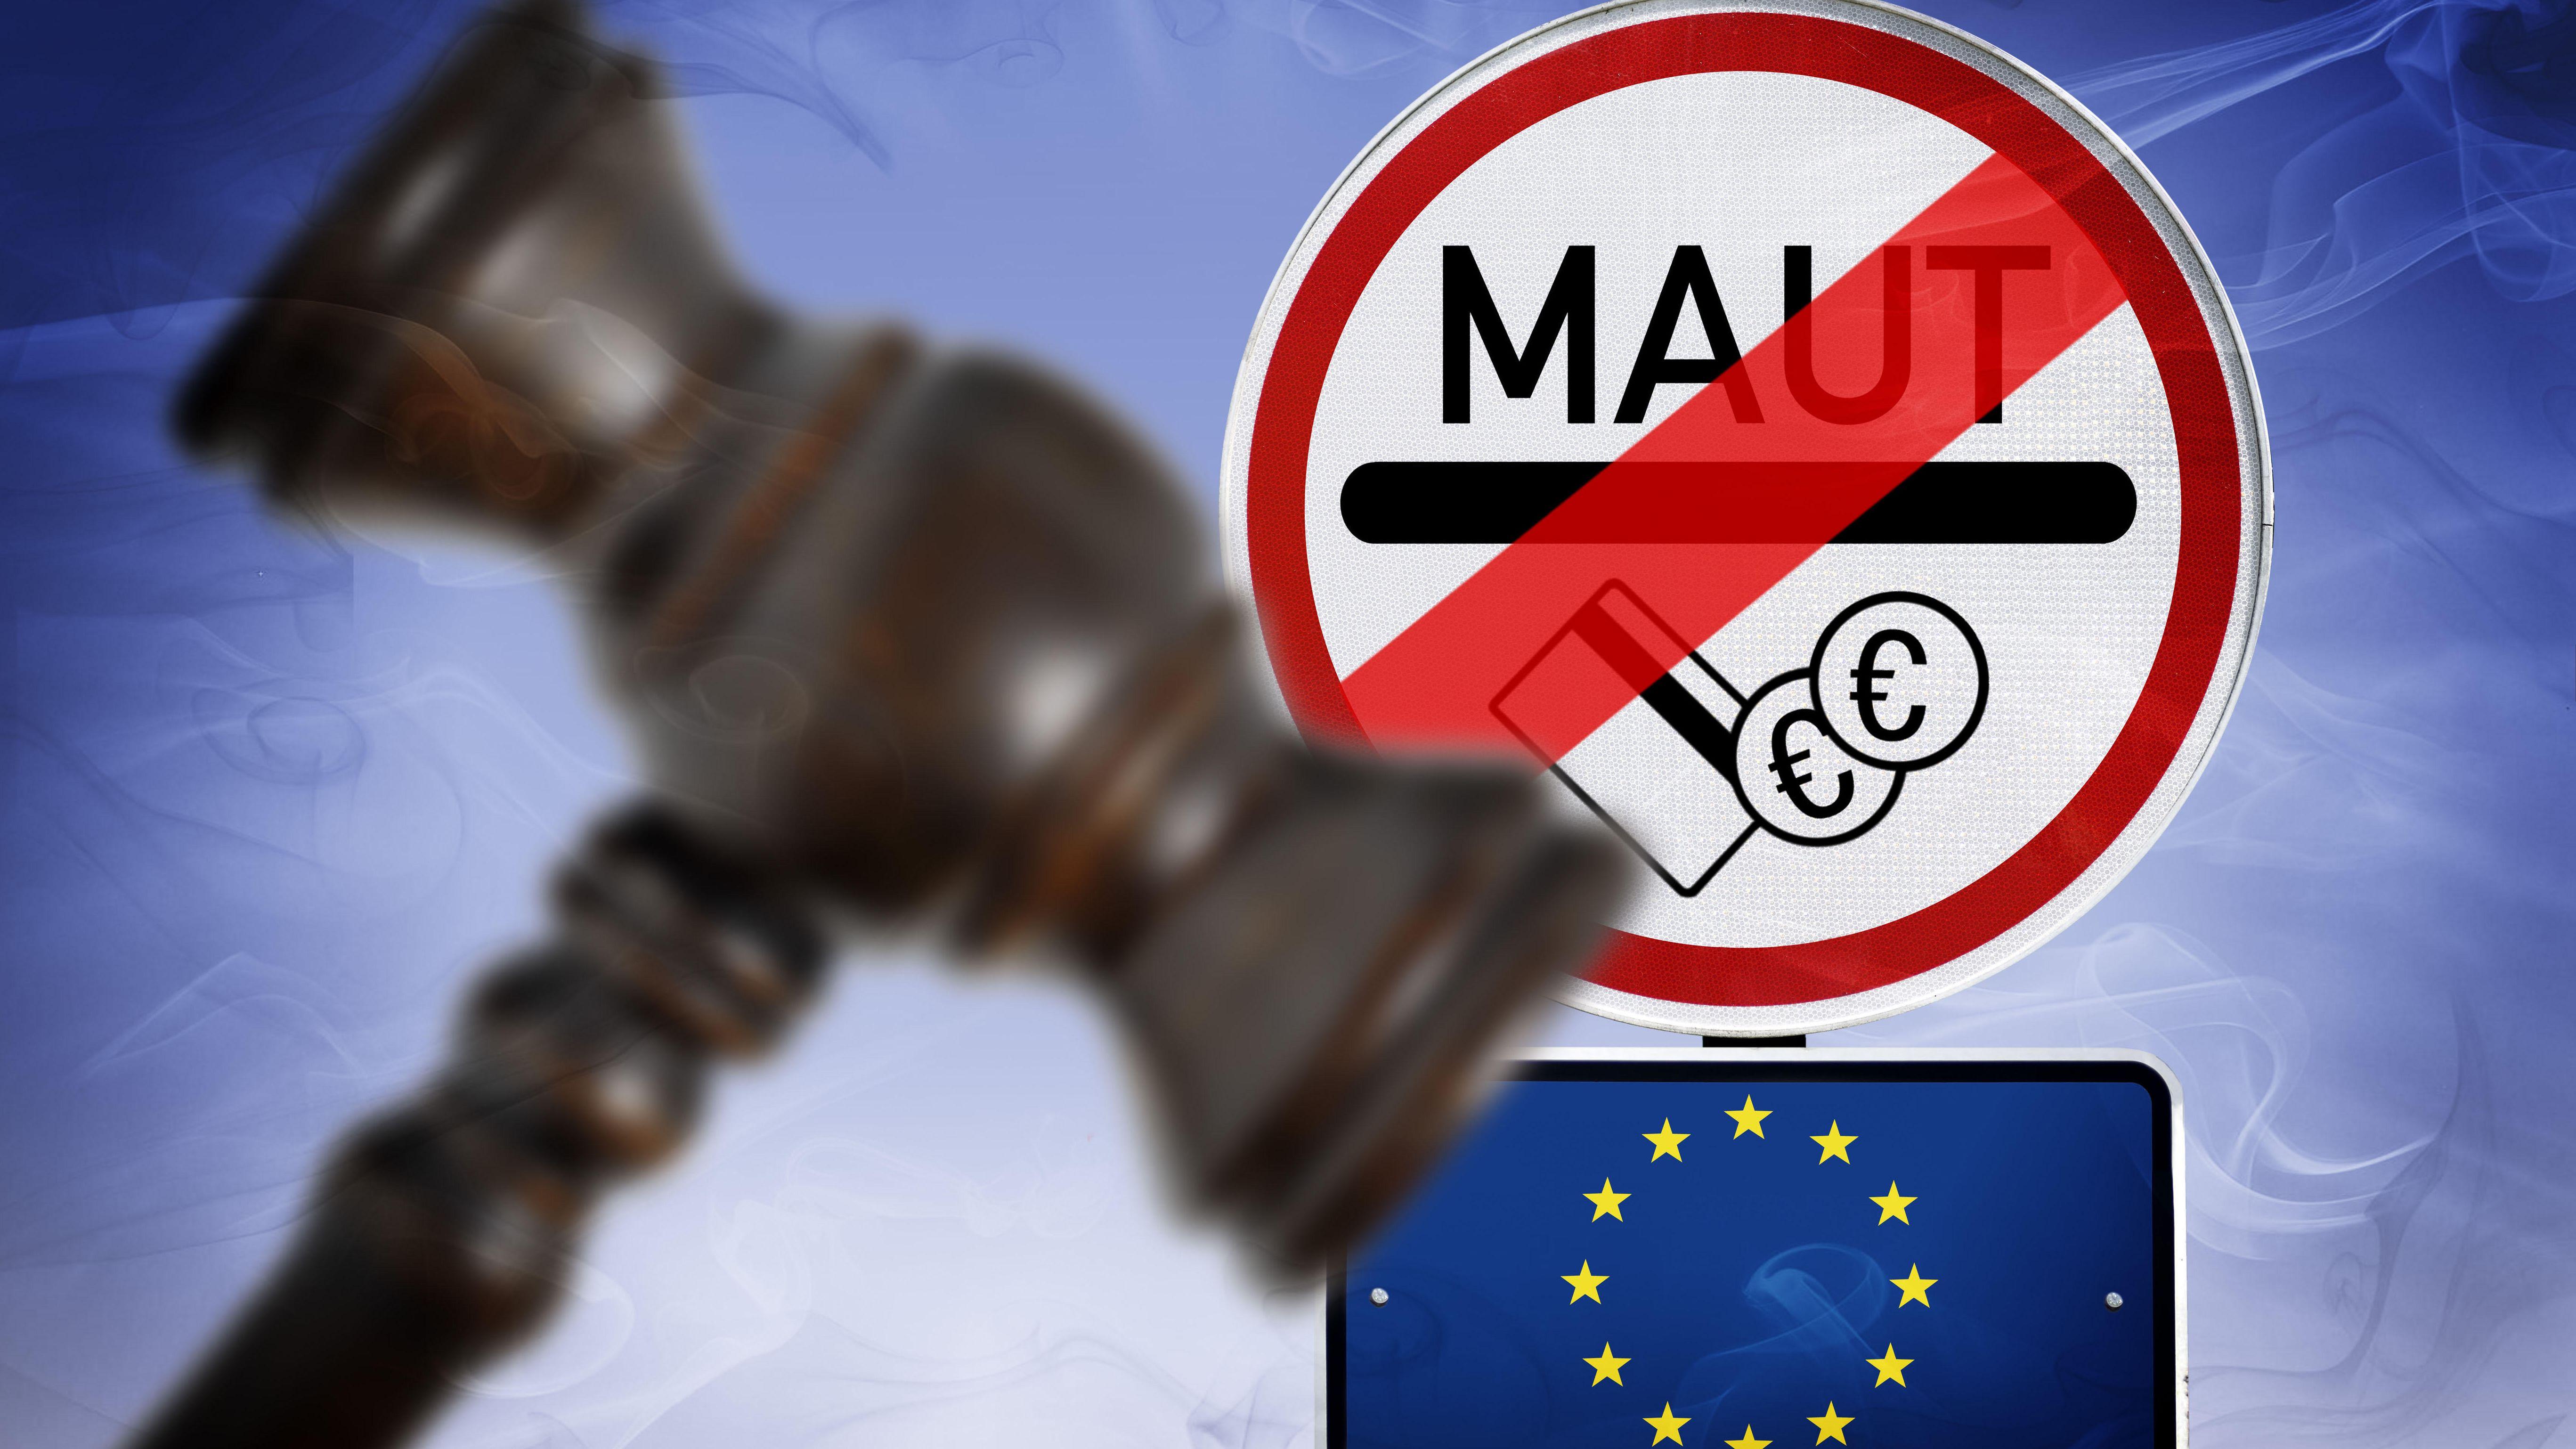 Durchgestrichenes Maut-Schild, EU-Schild und Richterhammer